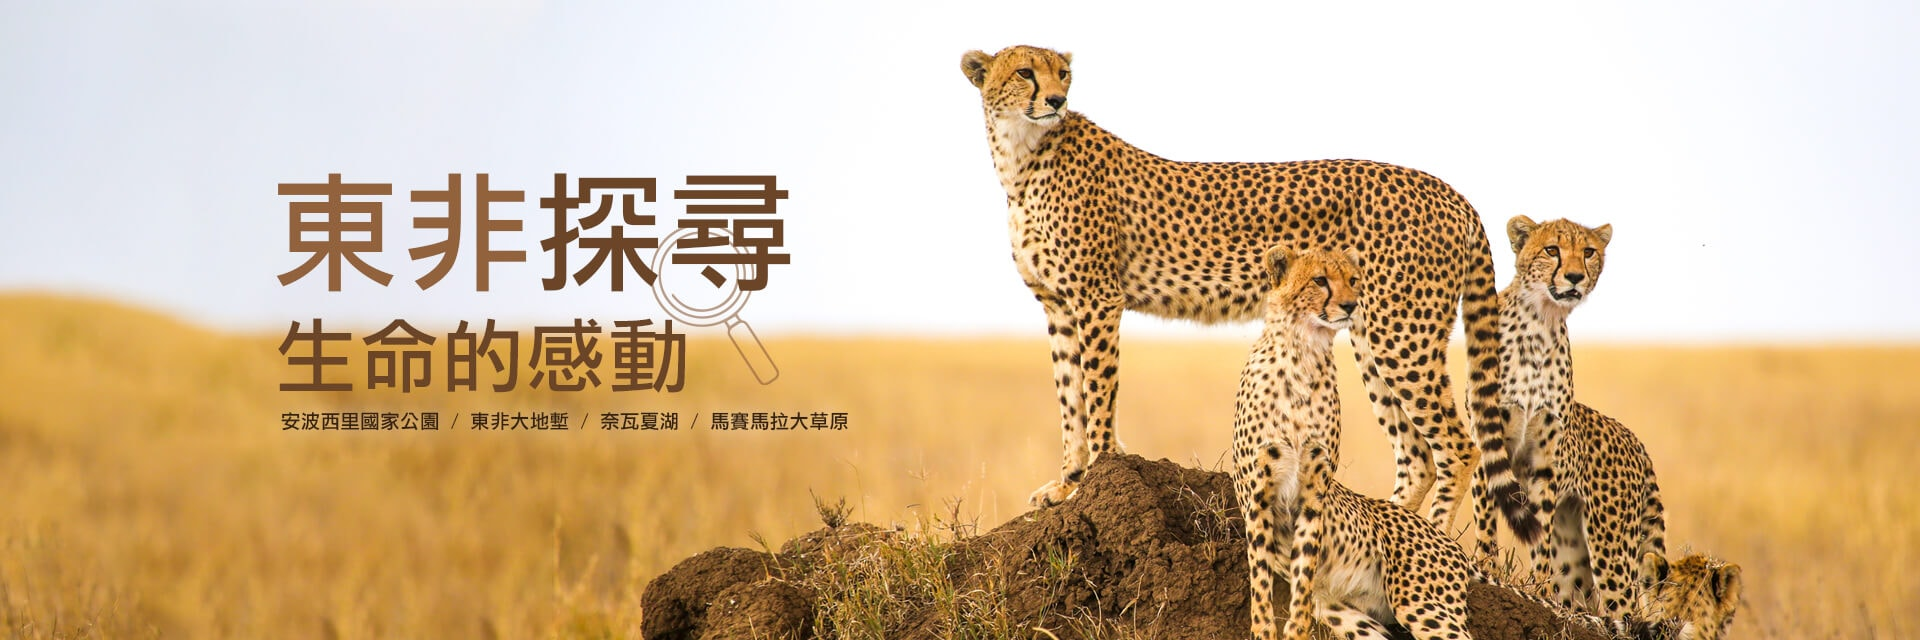 上順、東非、肯亞、動物大遷徙